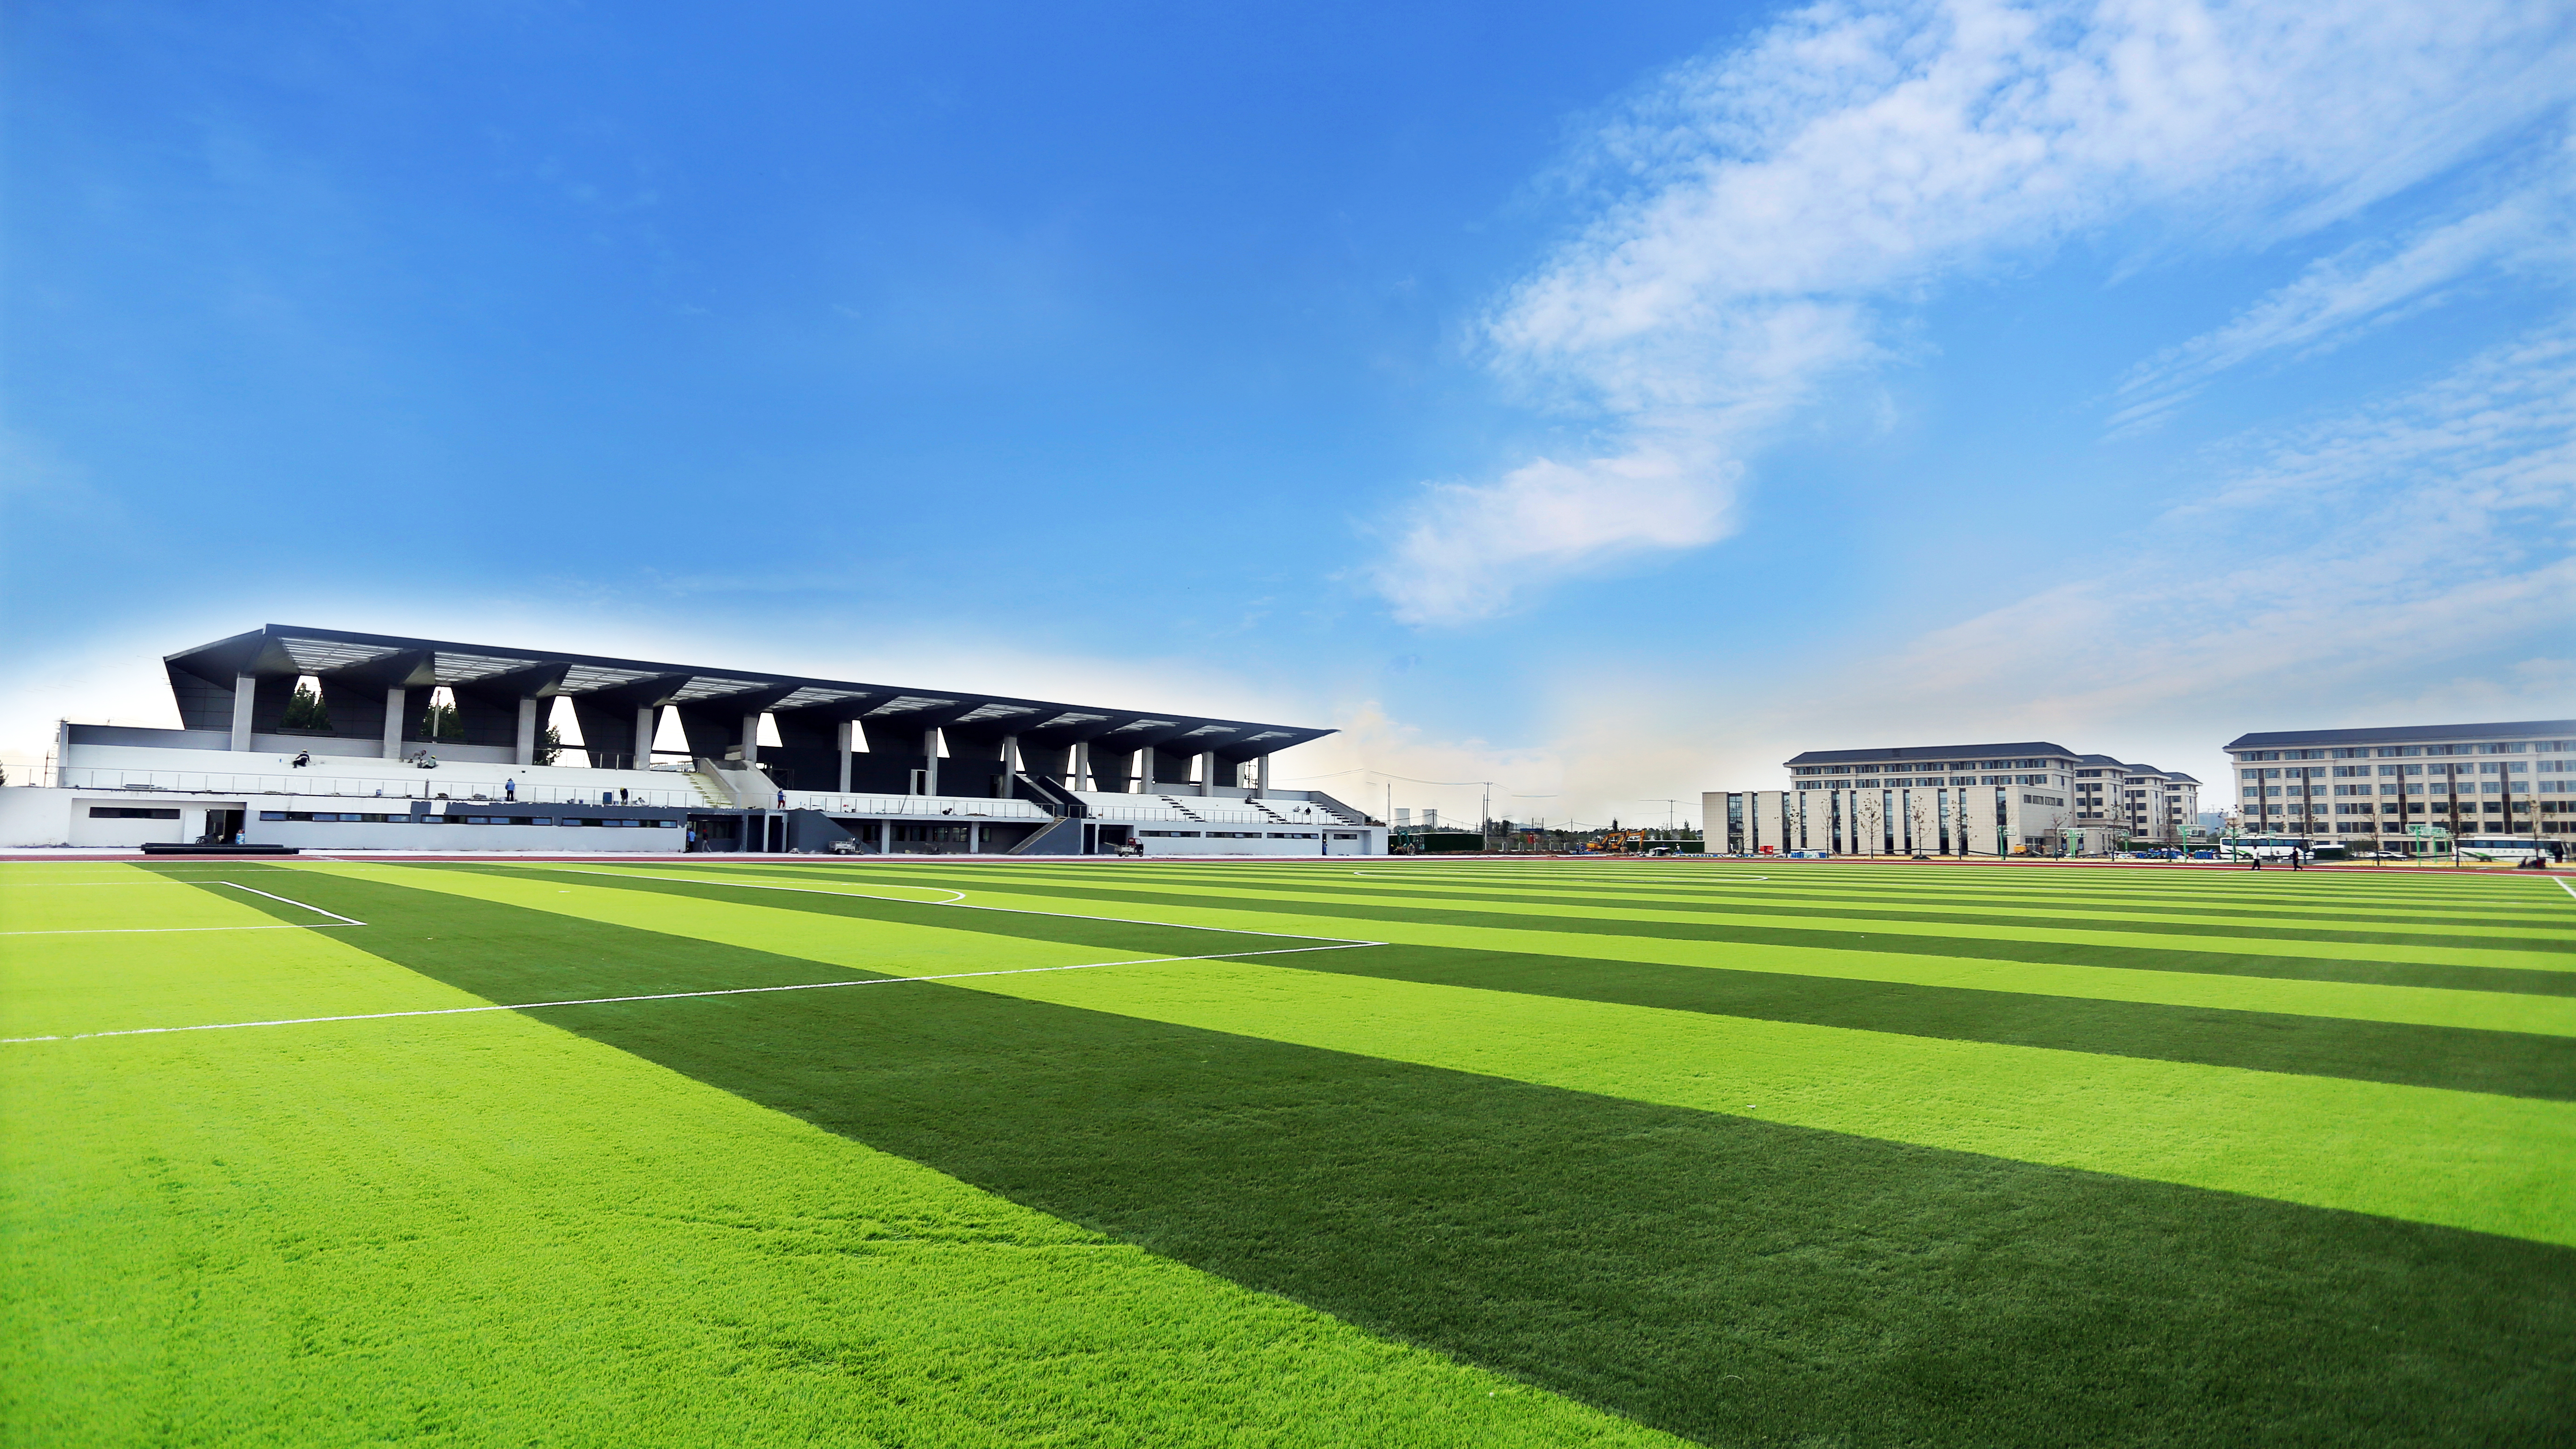 绿荫体育场